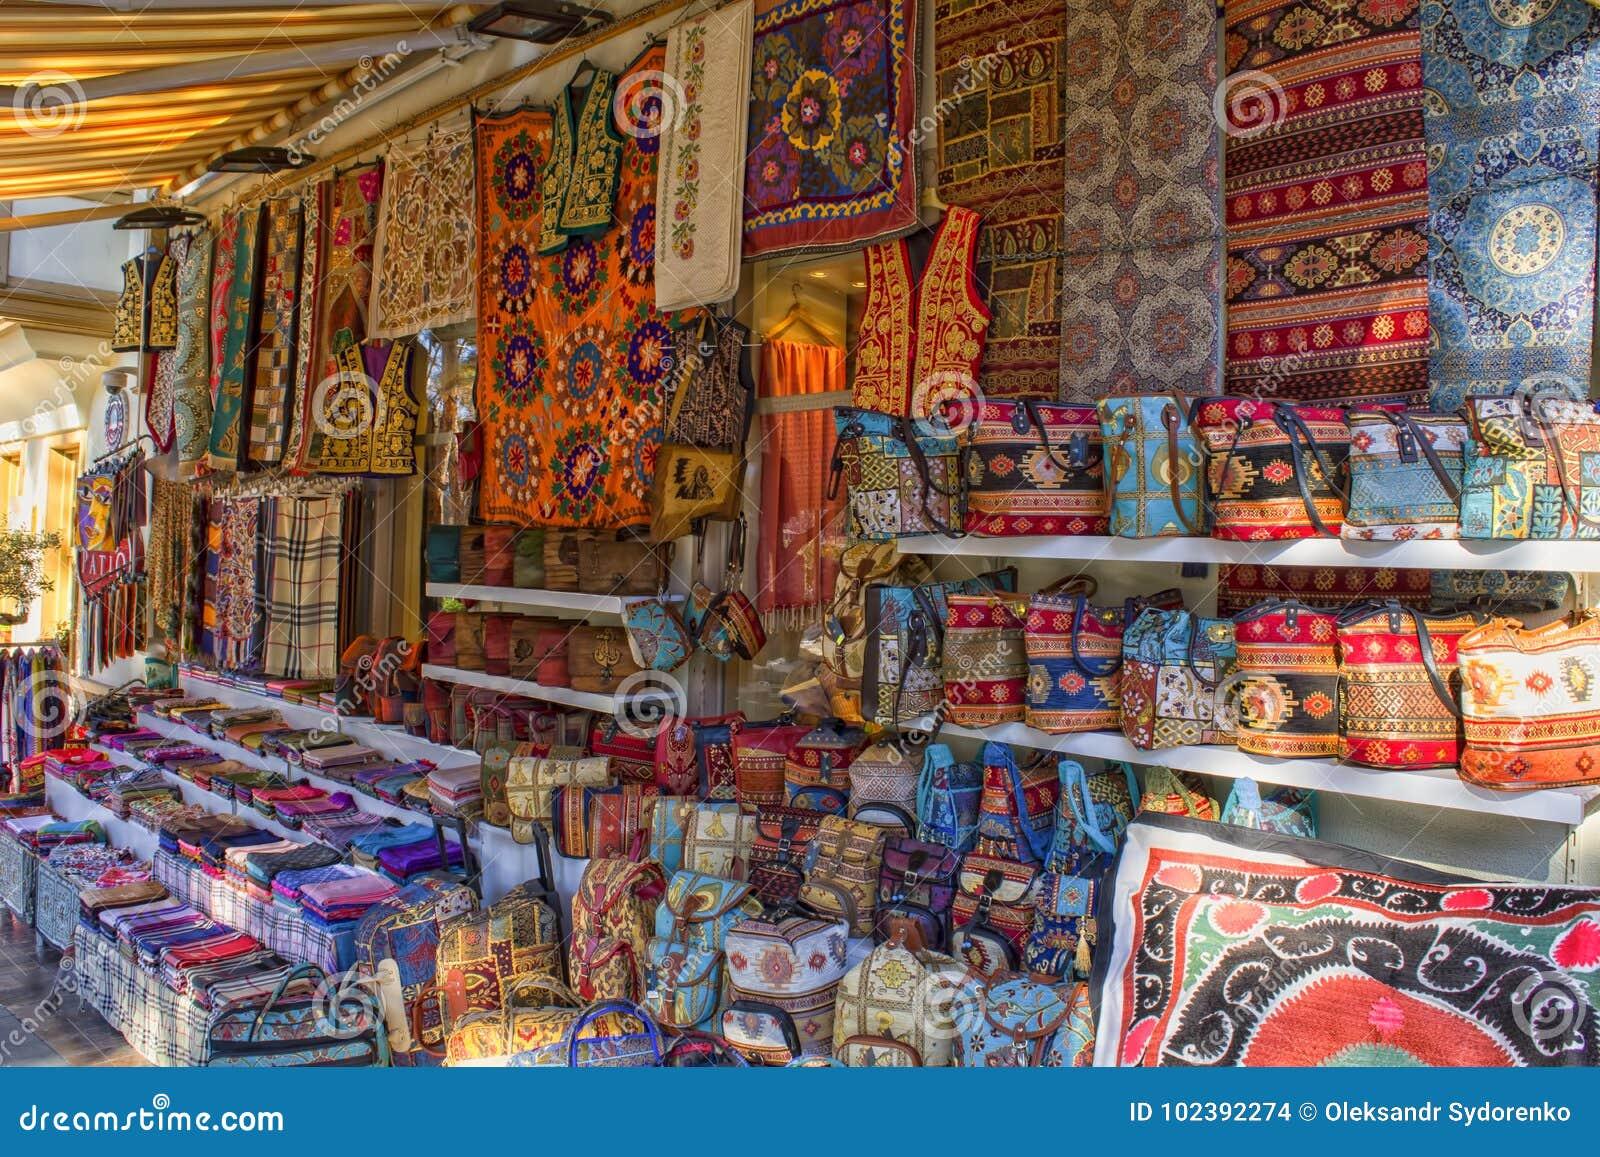 Türkei Evrenseki Sasmaz Bazaar Basar 2018